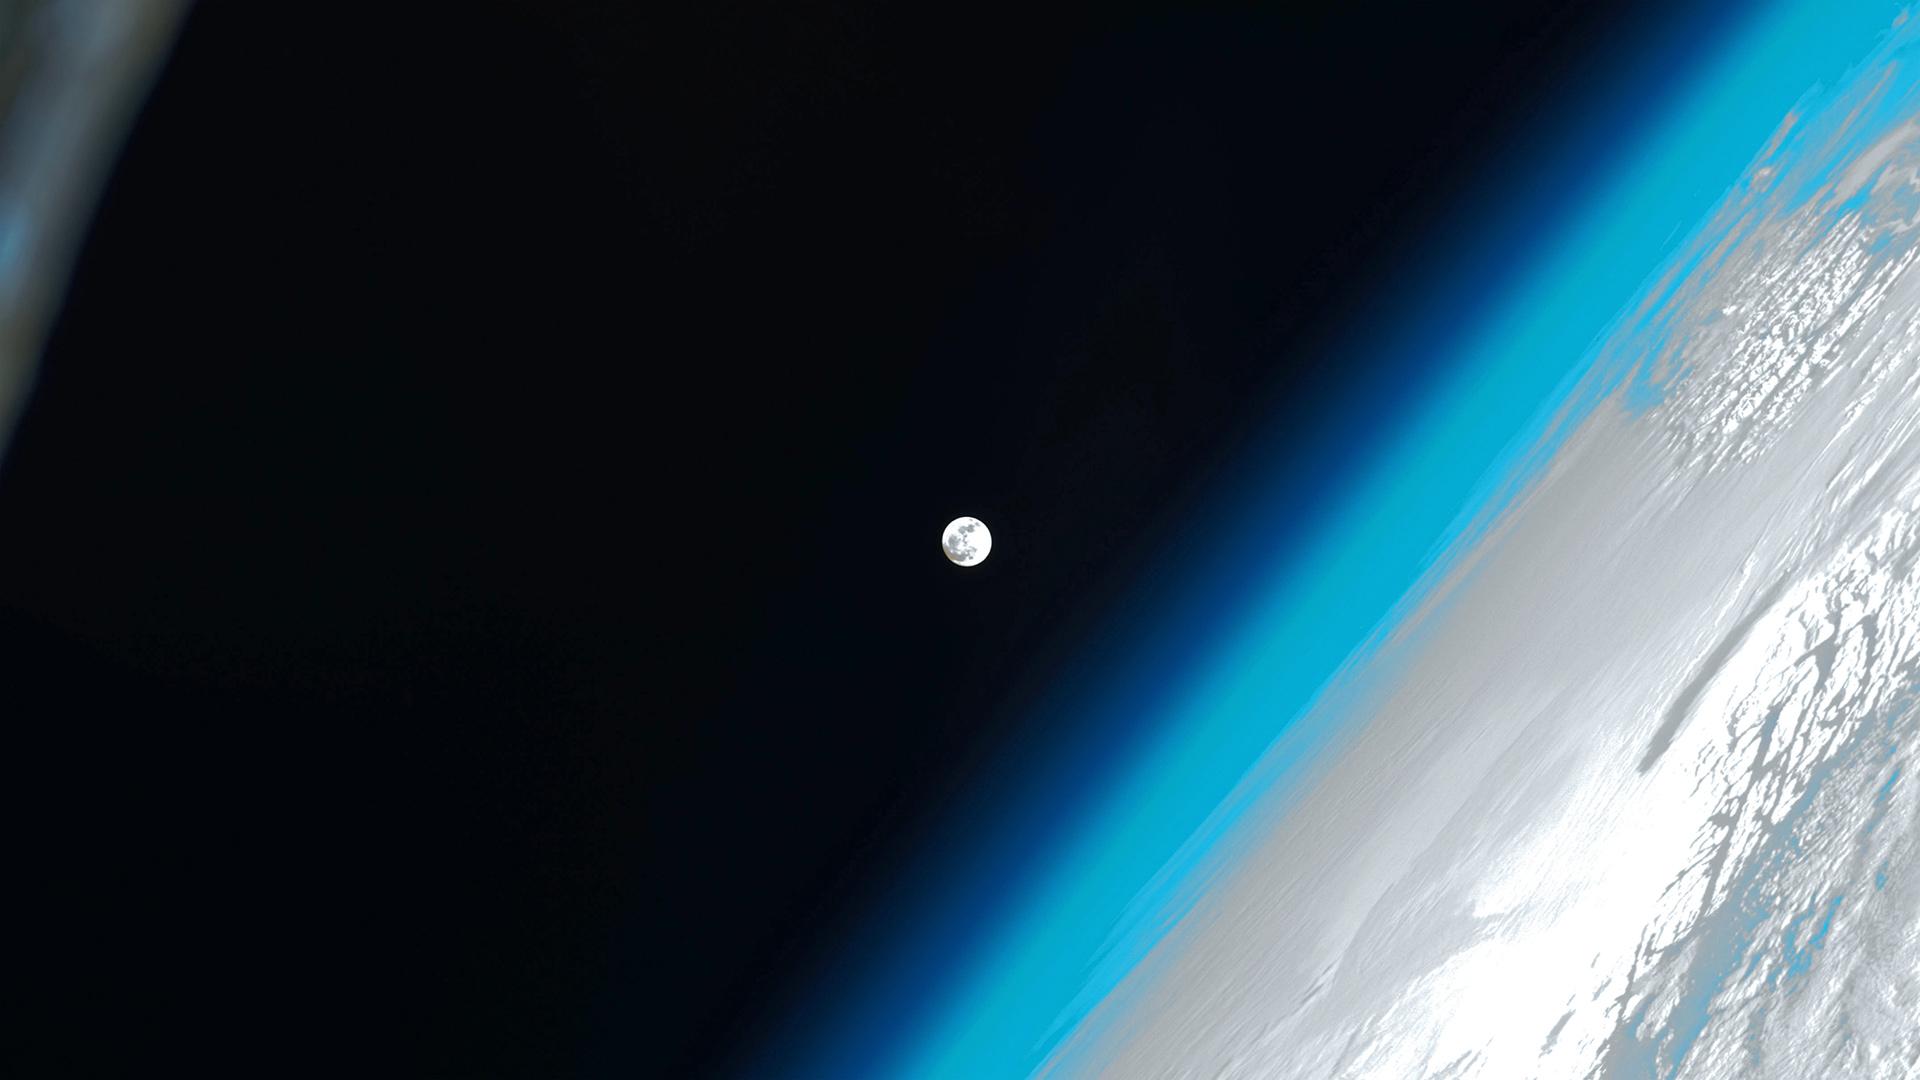 """美国NASA在""""枯燥乏味""""且""""劳民伤财""""的航天领域长期大手笔投入,却并未引发广泛争议,甚至屡屡激发起世界的太空探索梦想"""